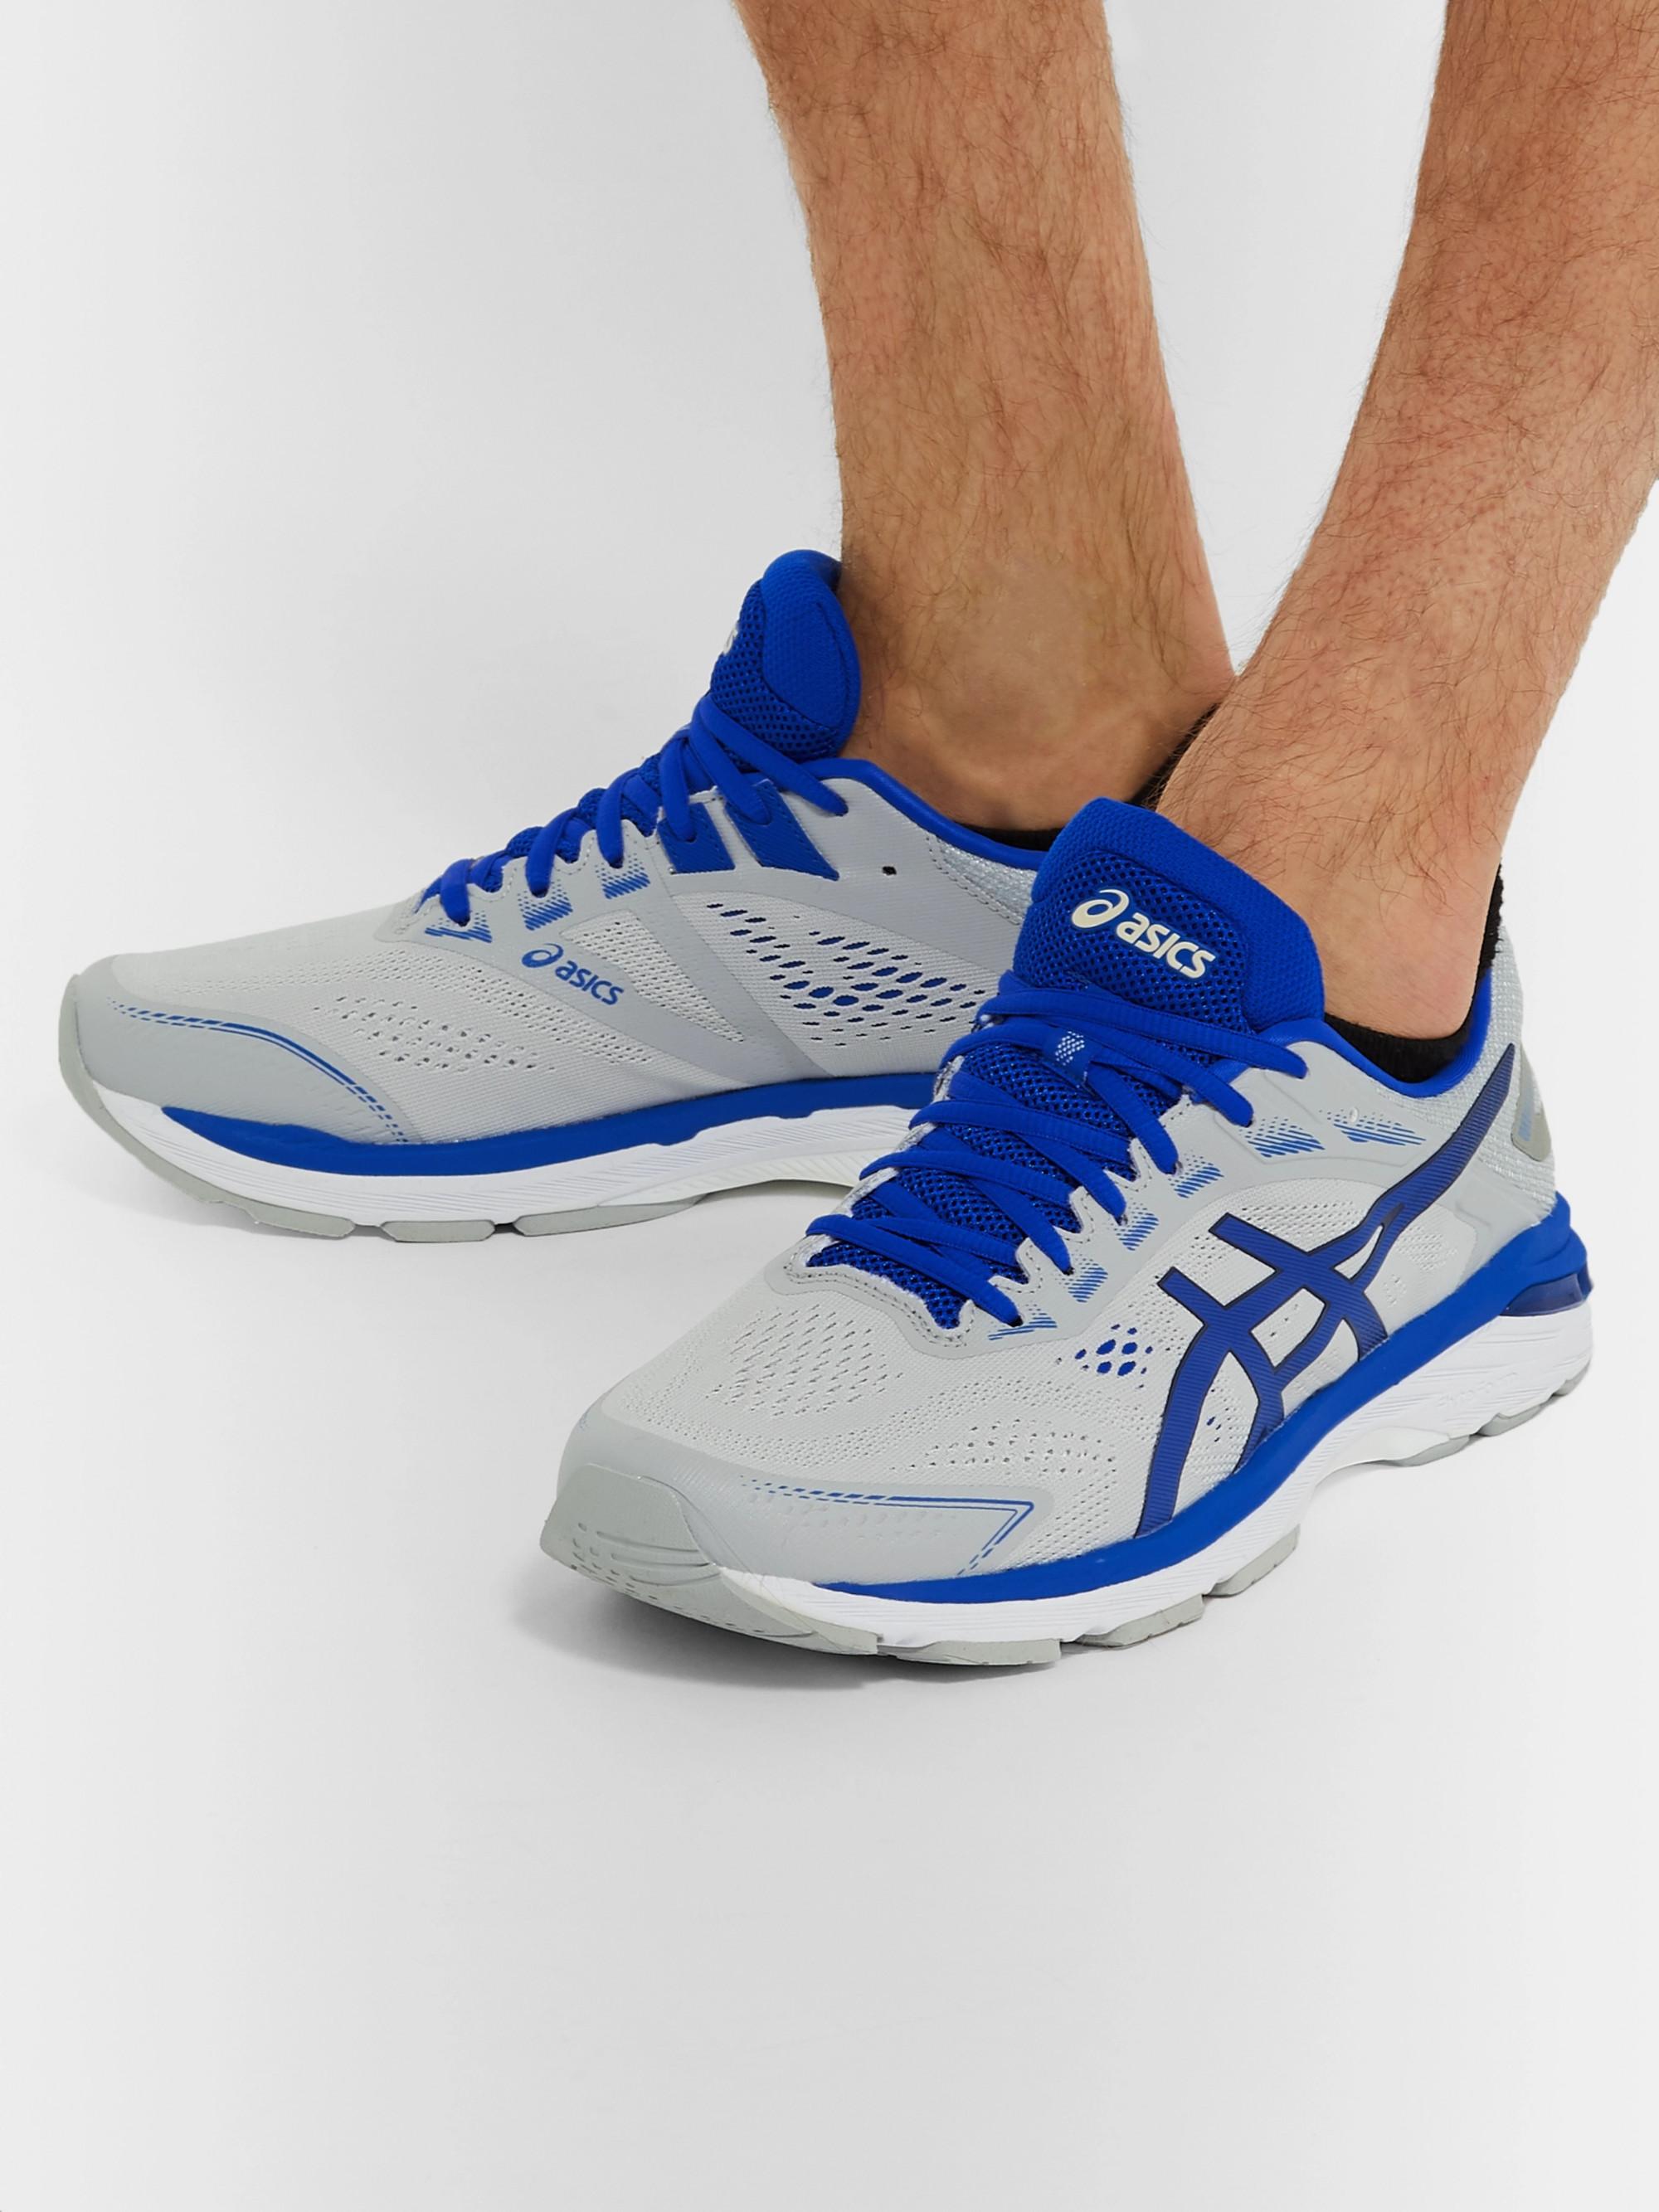 GT-2000 7 Lite-Show Running Sneakers